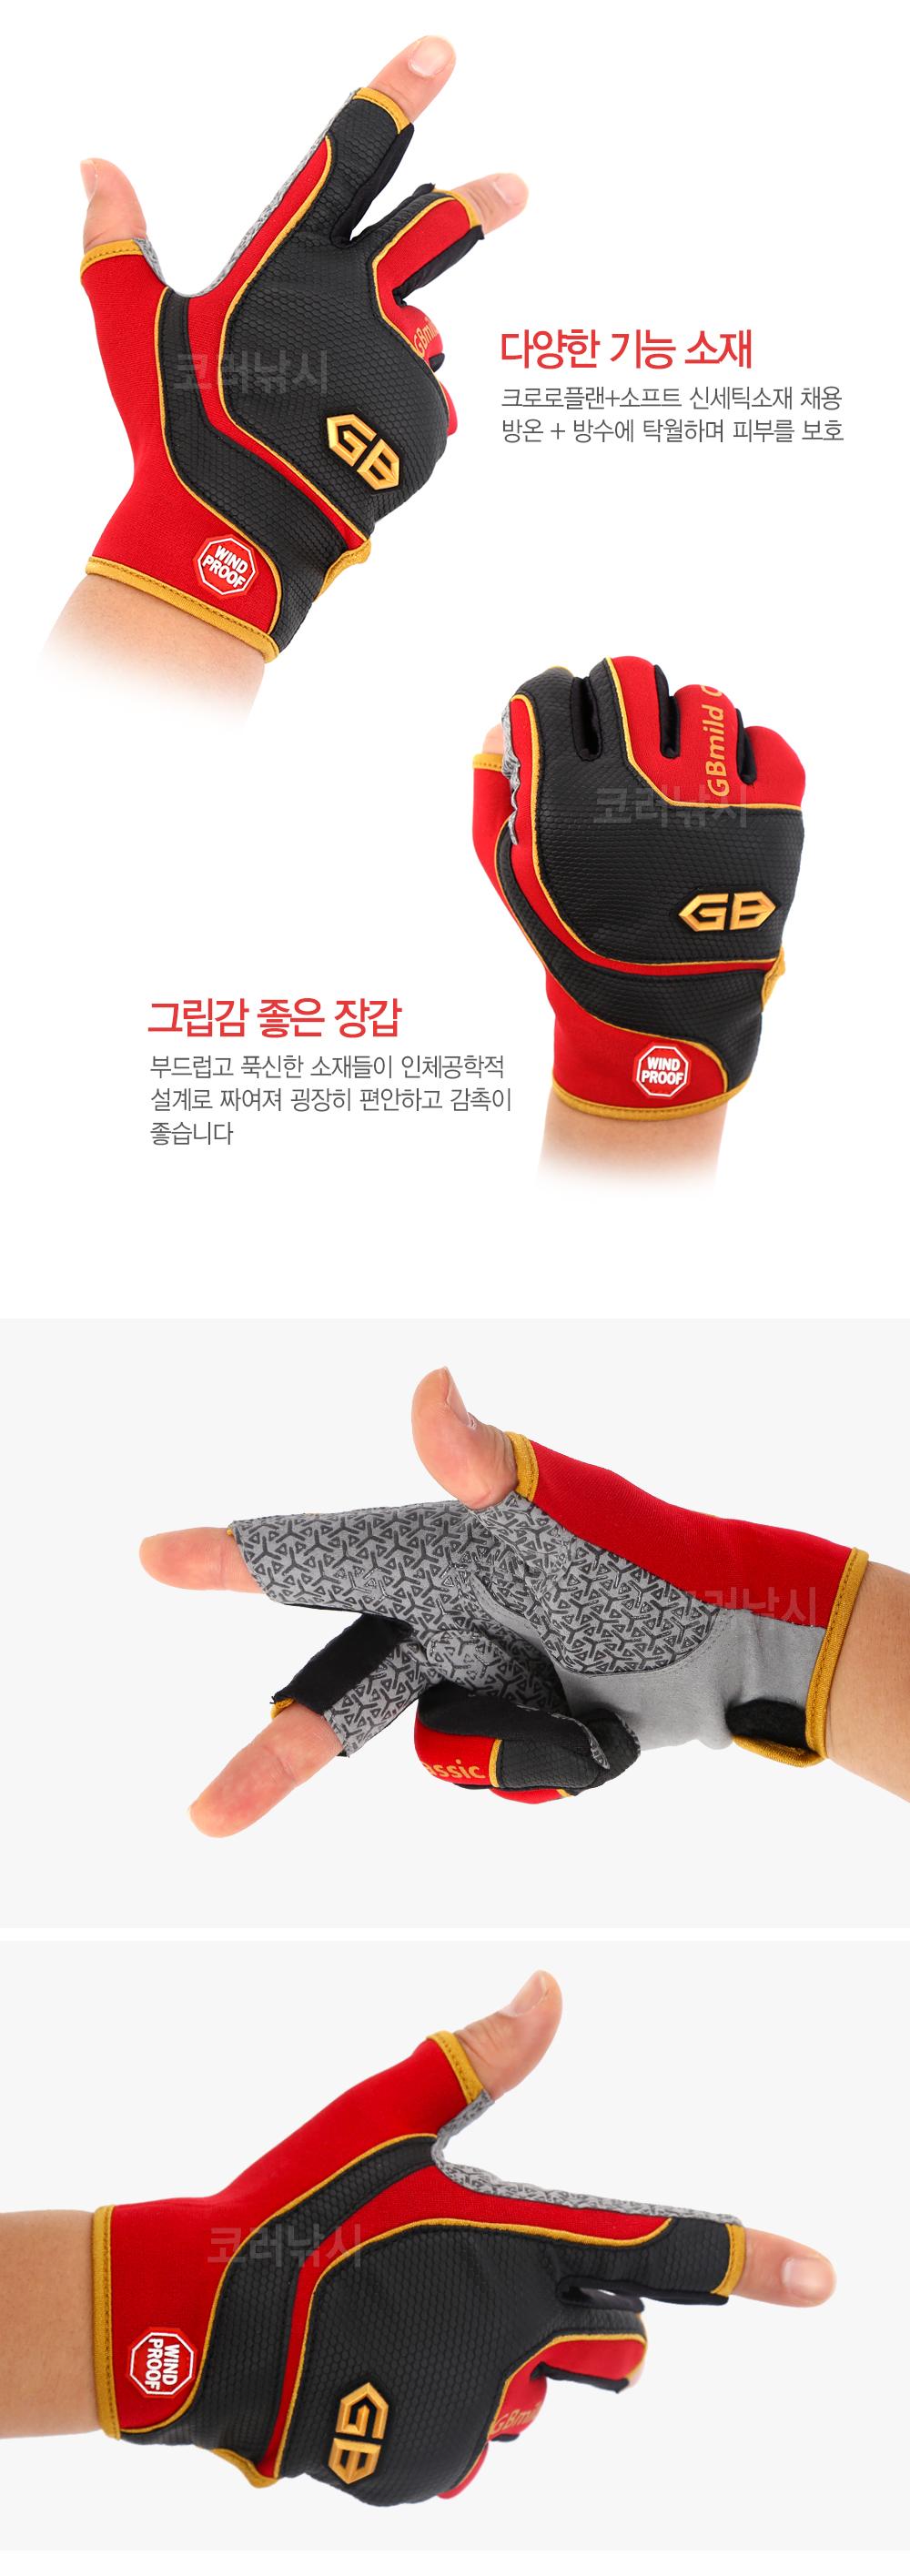 GB마일드 네오 마스터 낚시장갑 GB-F204 낚시용장갑 겨울장갑 낚시장갑 장갑